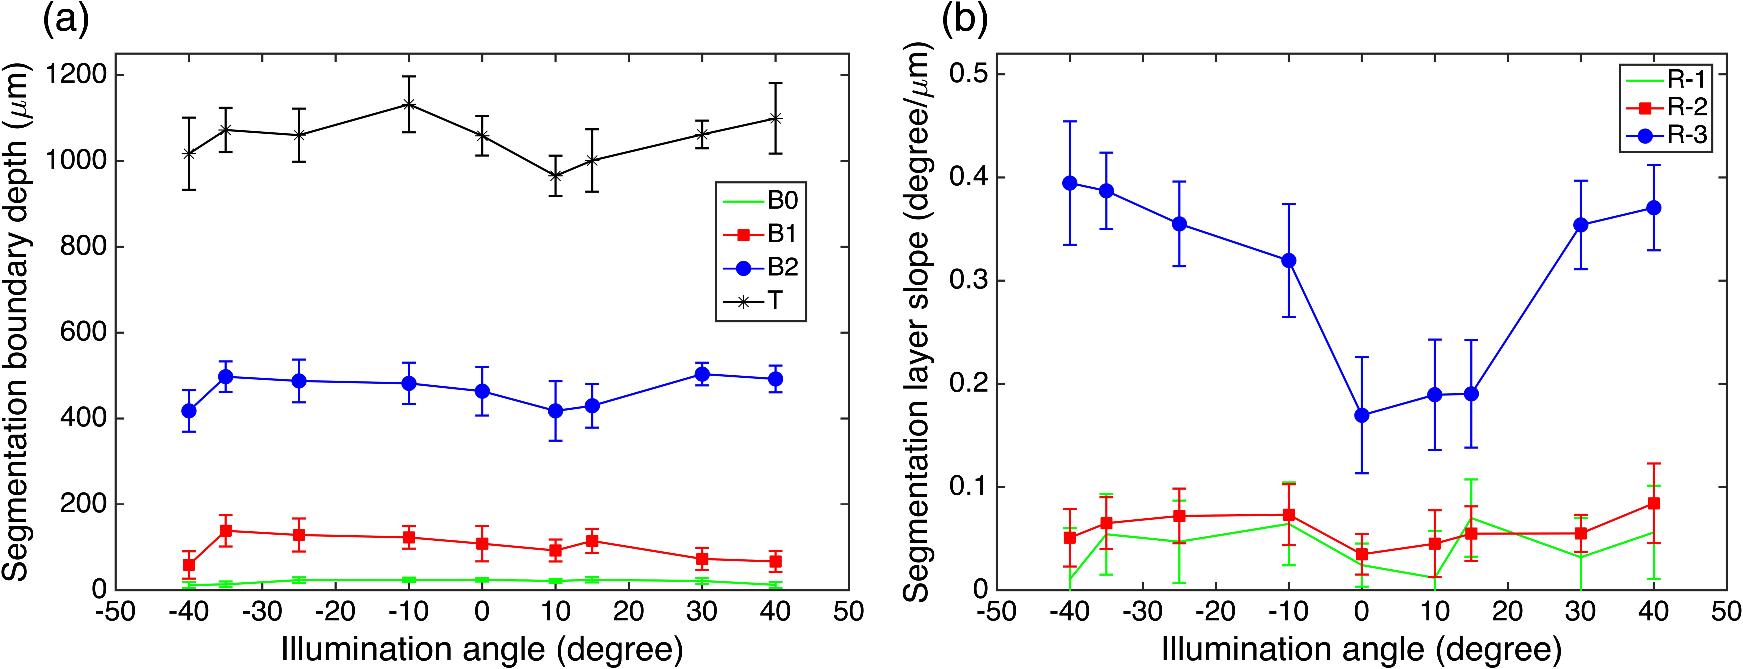 Slope-based segmentation of articular cartilage using